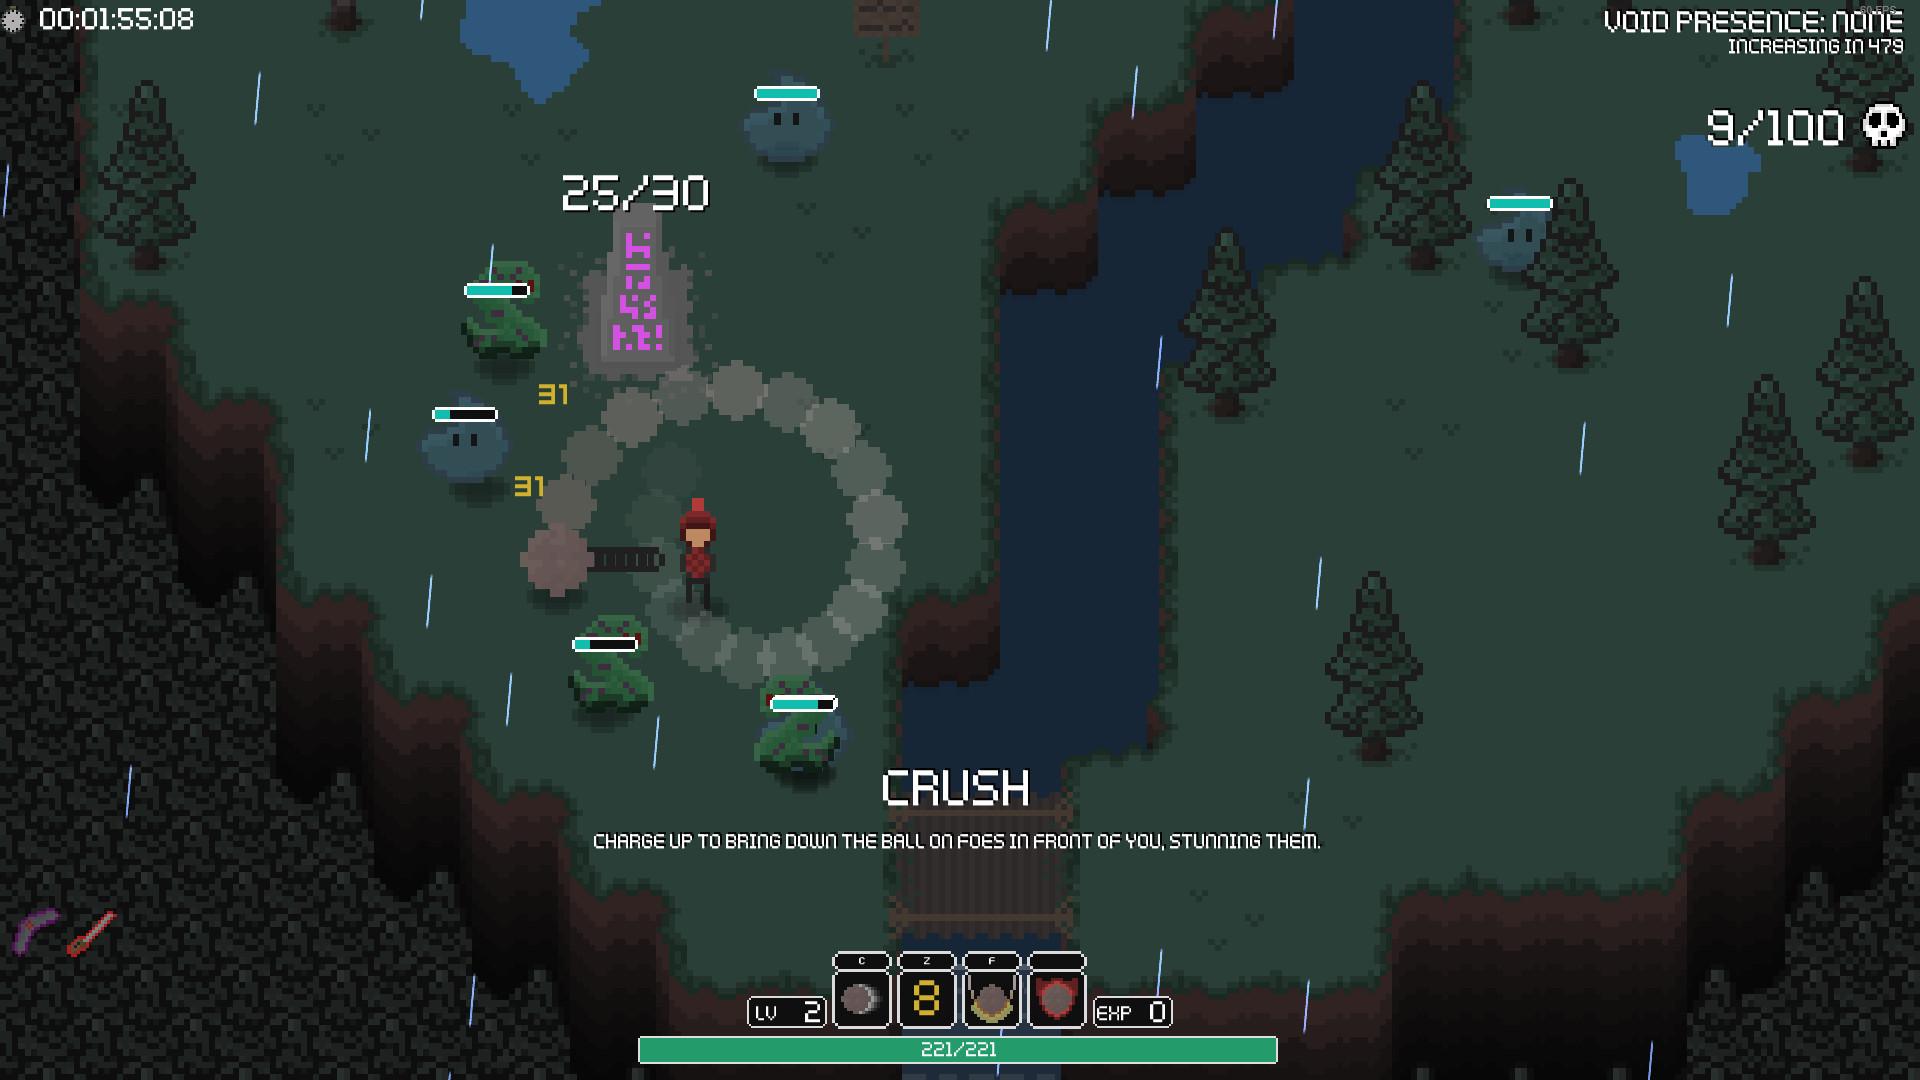 Outrealm Screenshot 1